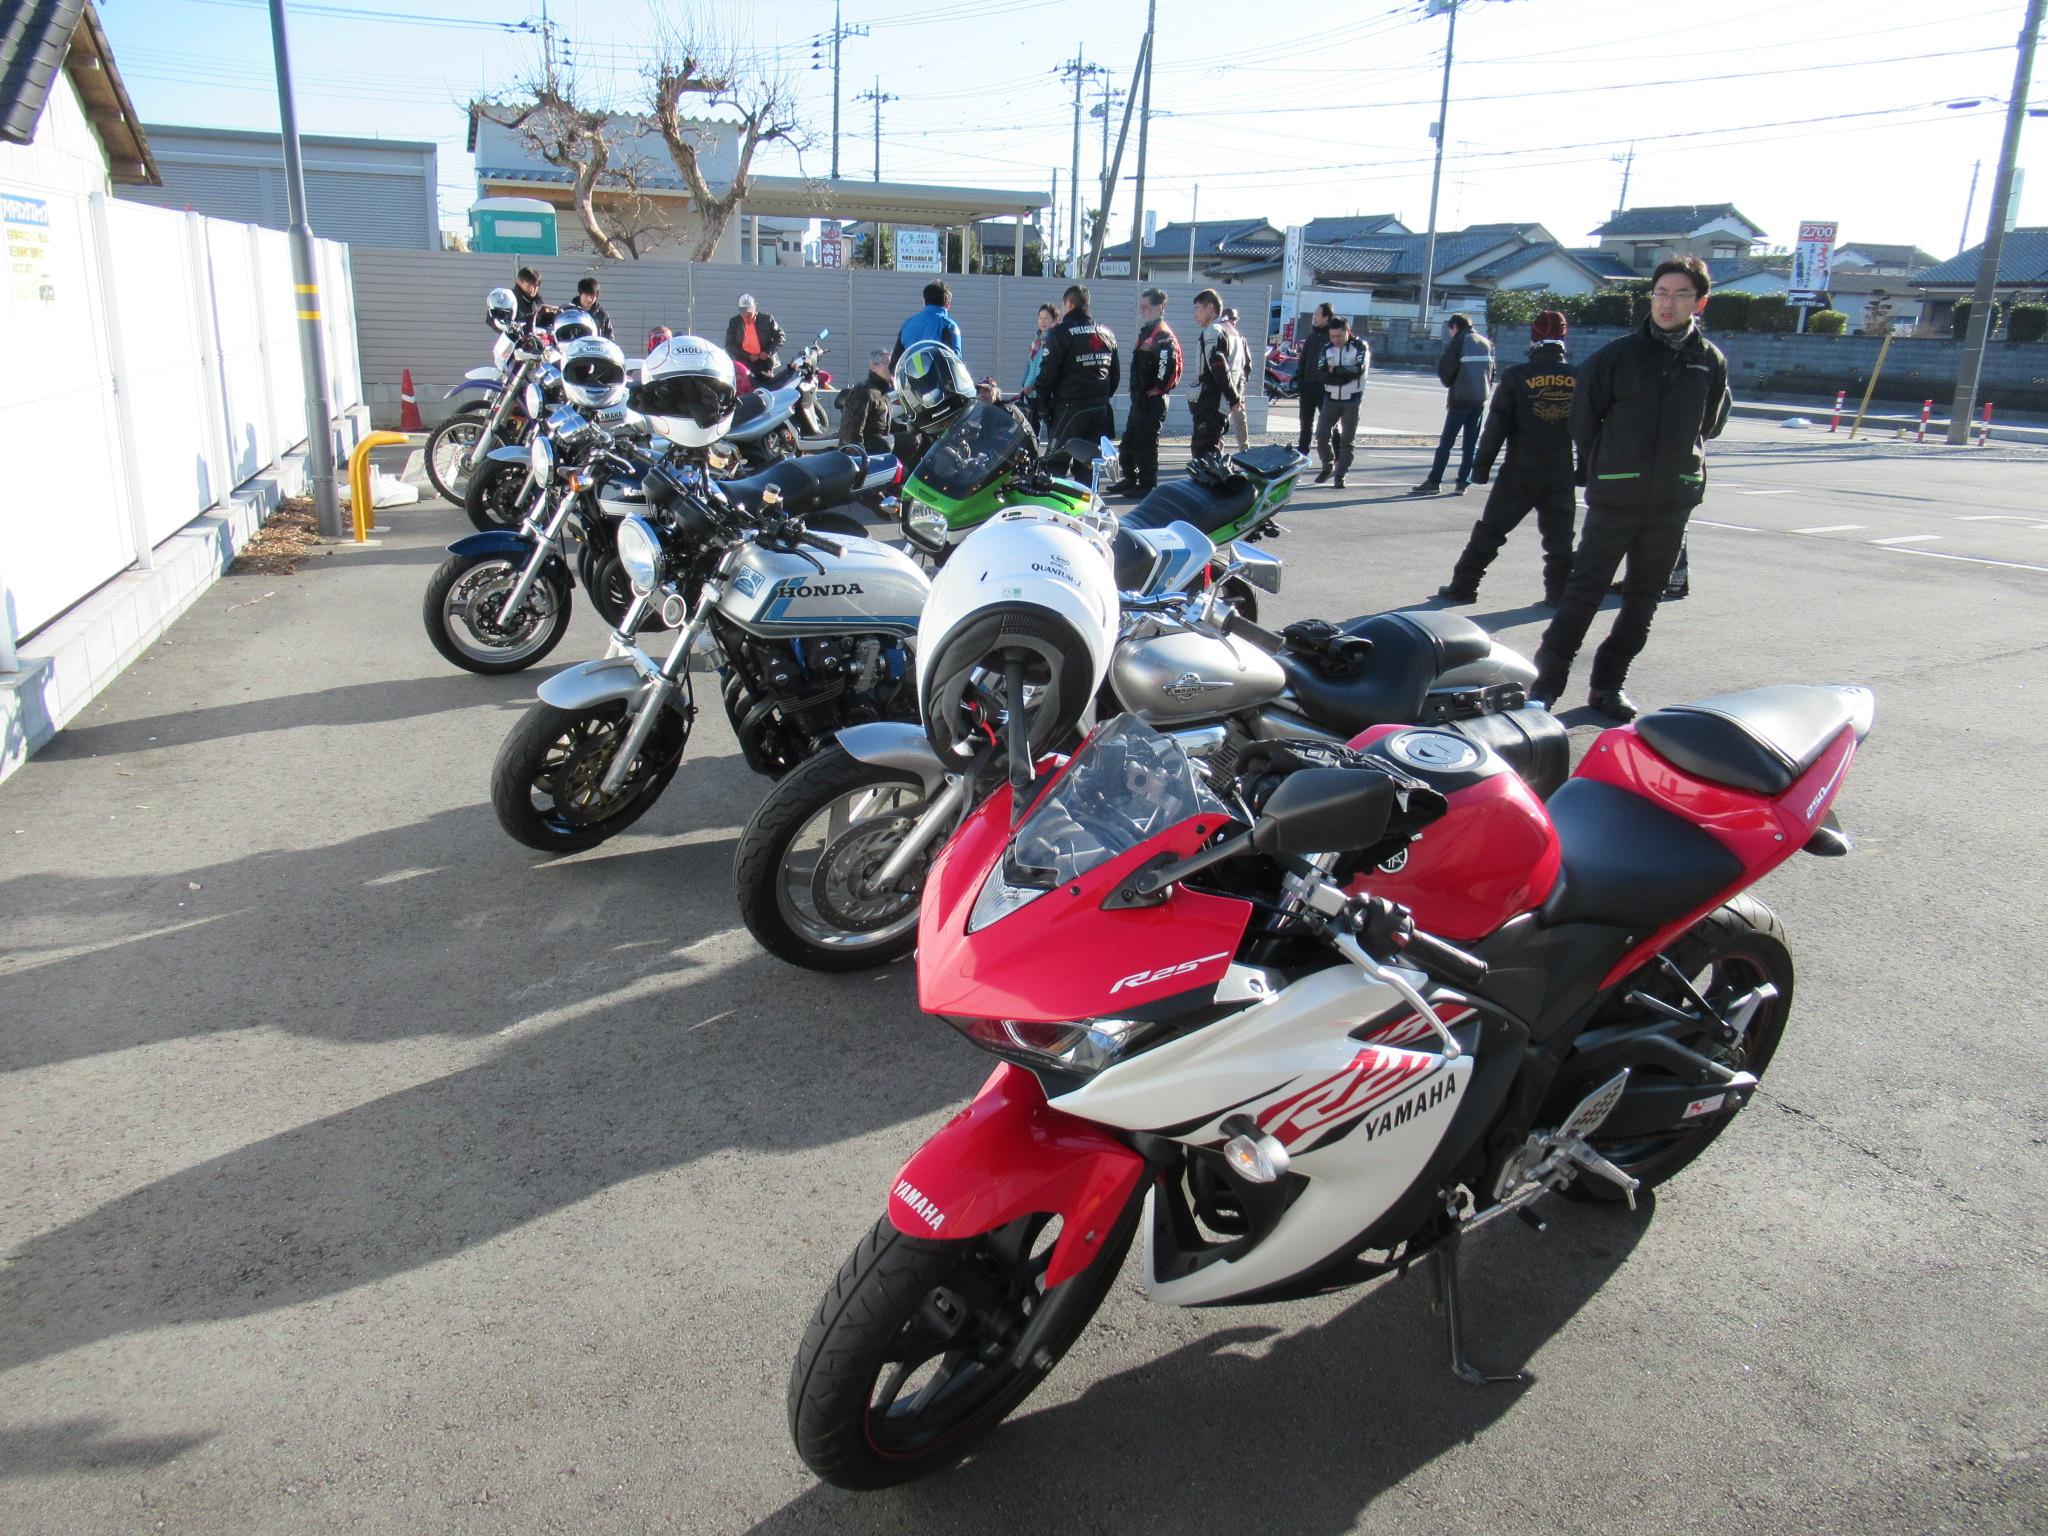 http://www.precious-factory.com/preciousfactory2010/IMG_0523.JPG